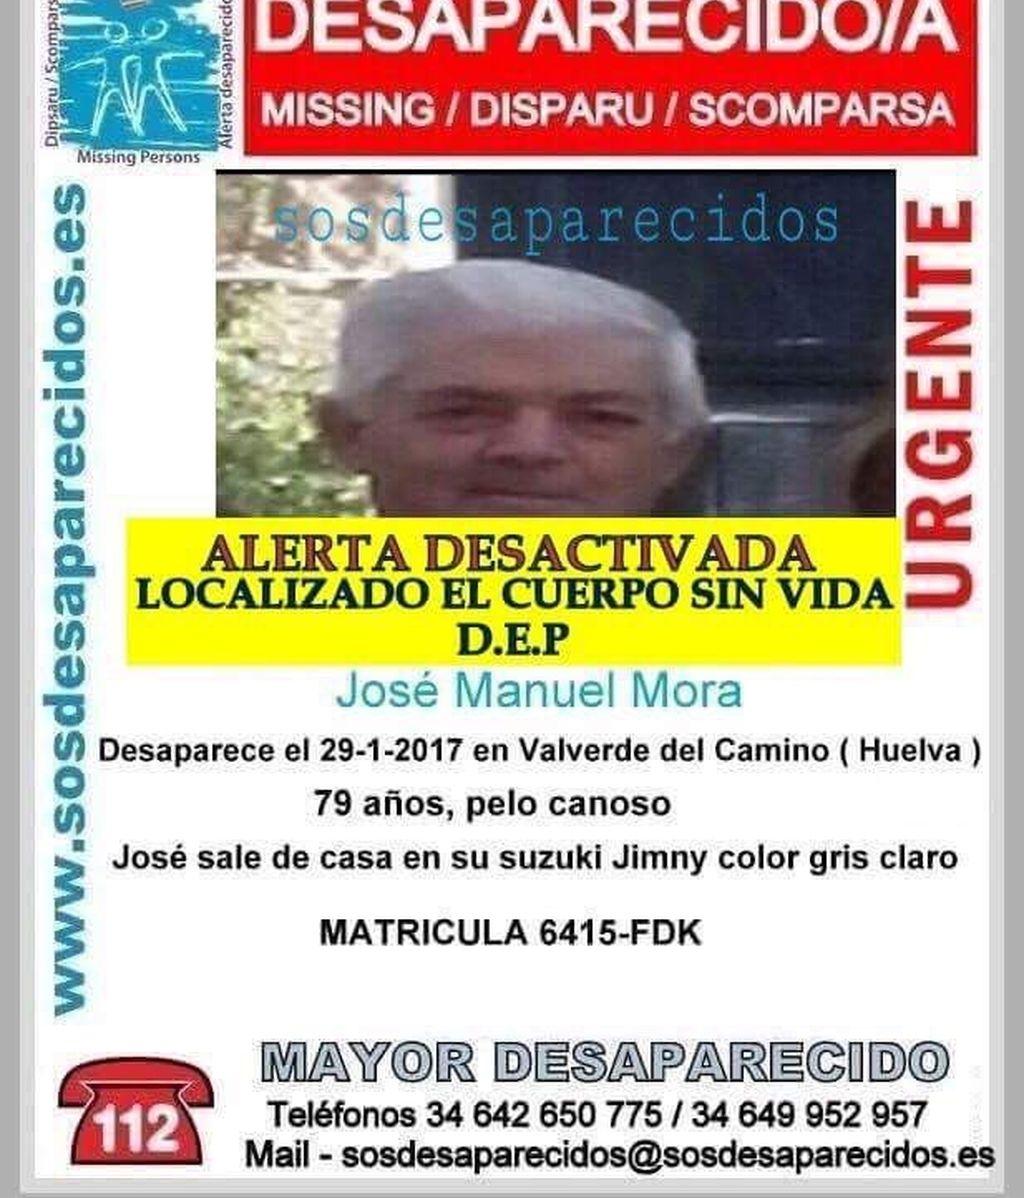 Desaparecido Huelva